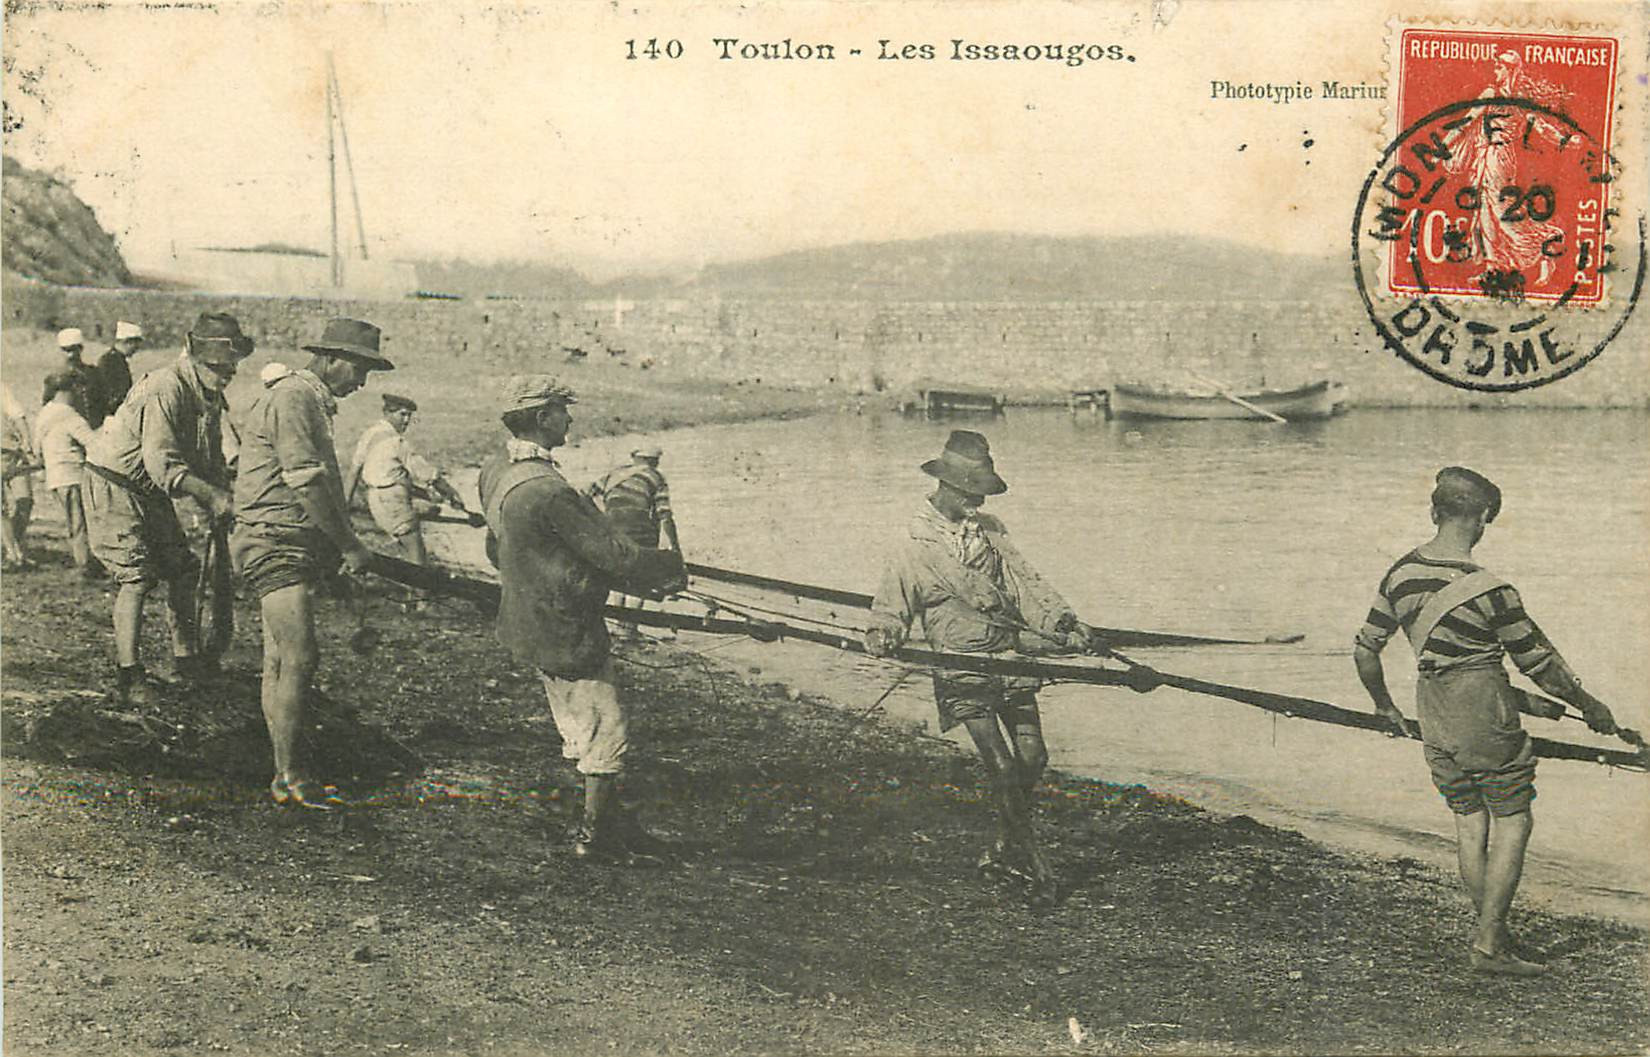 WW 83 TOULON. Les Issaougos Pêcheurs avec filet à la Traîne vers 1908